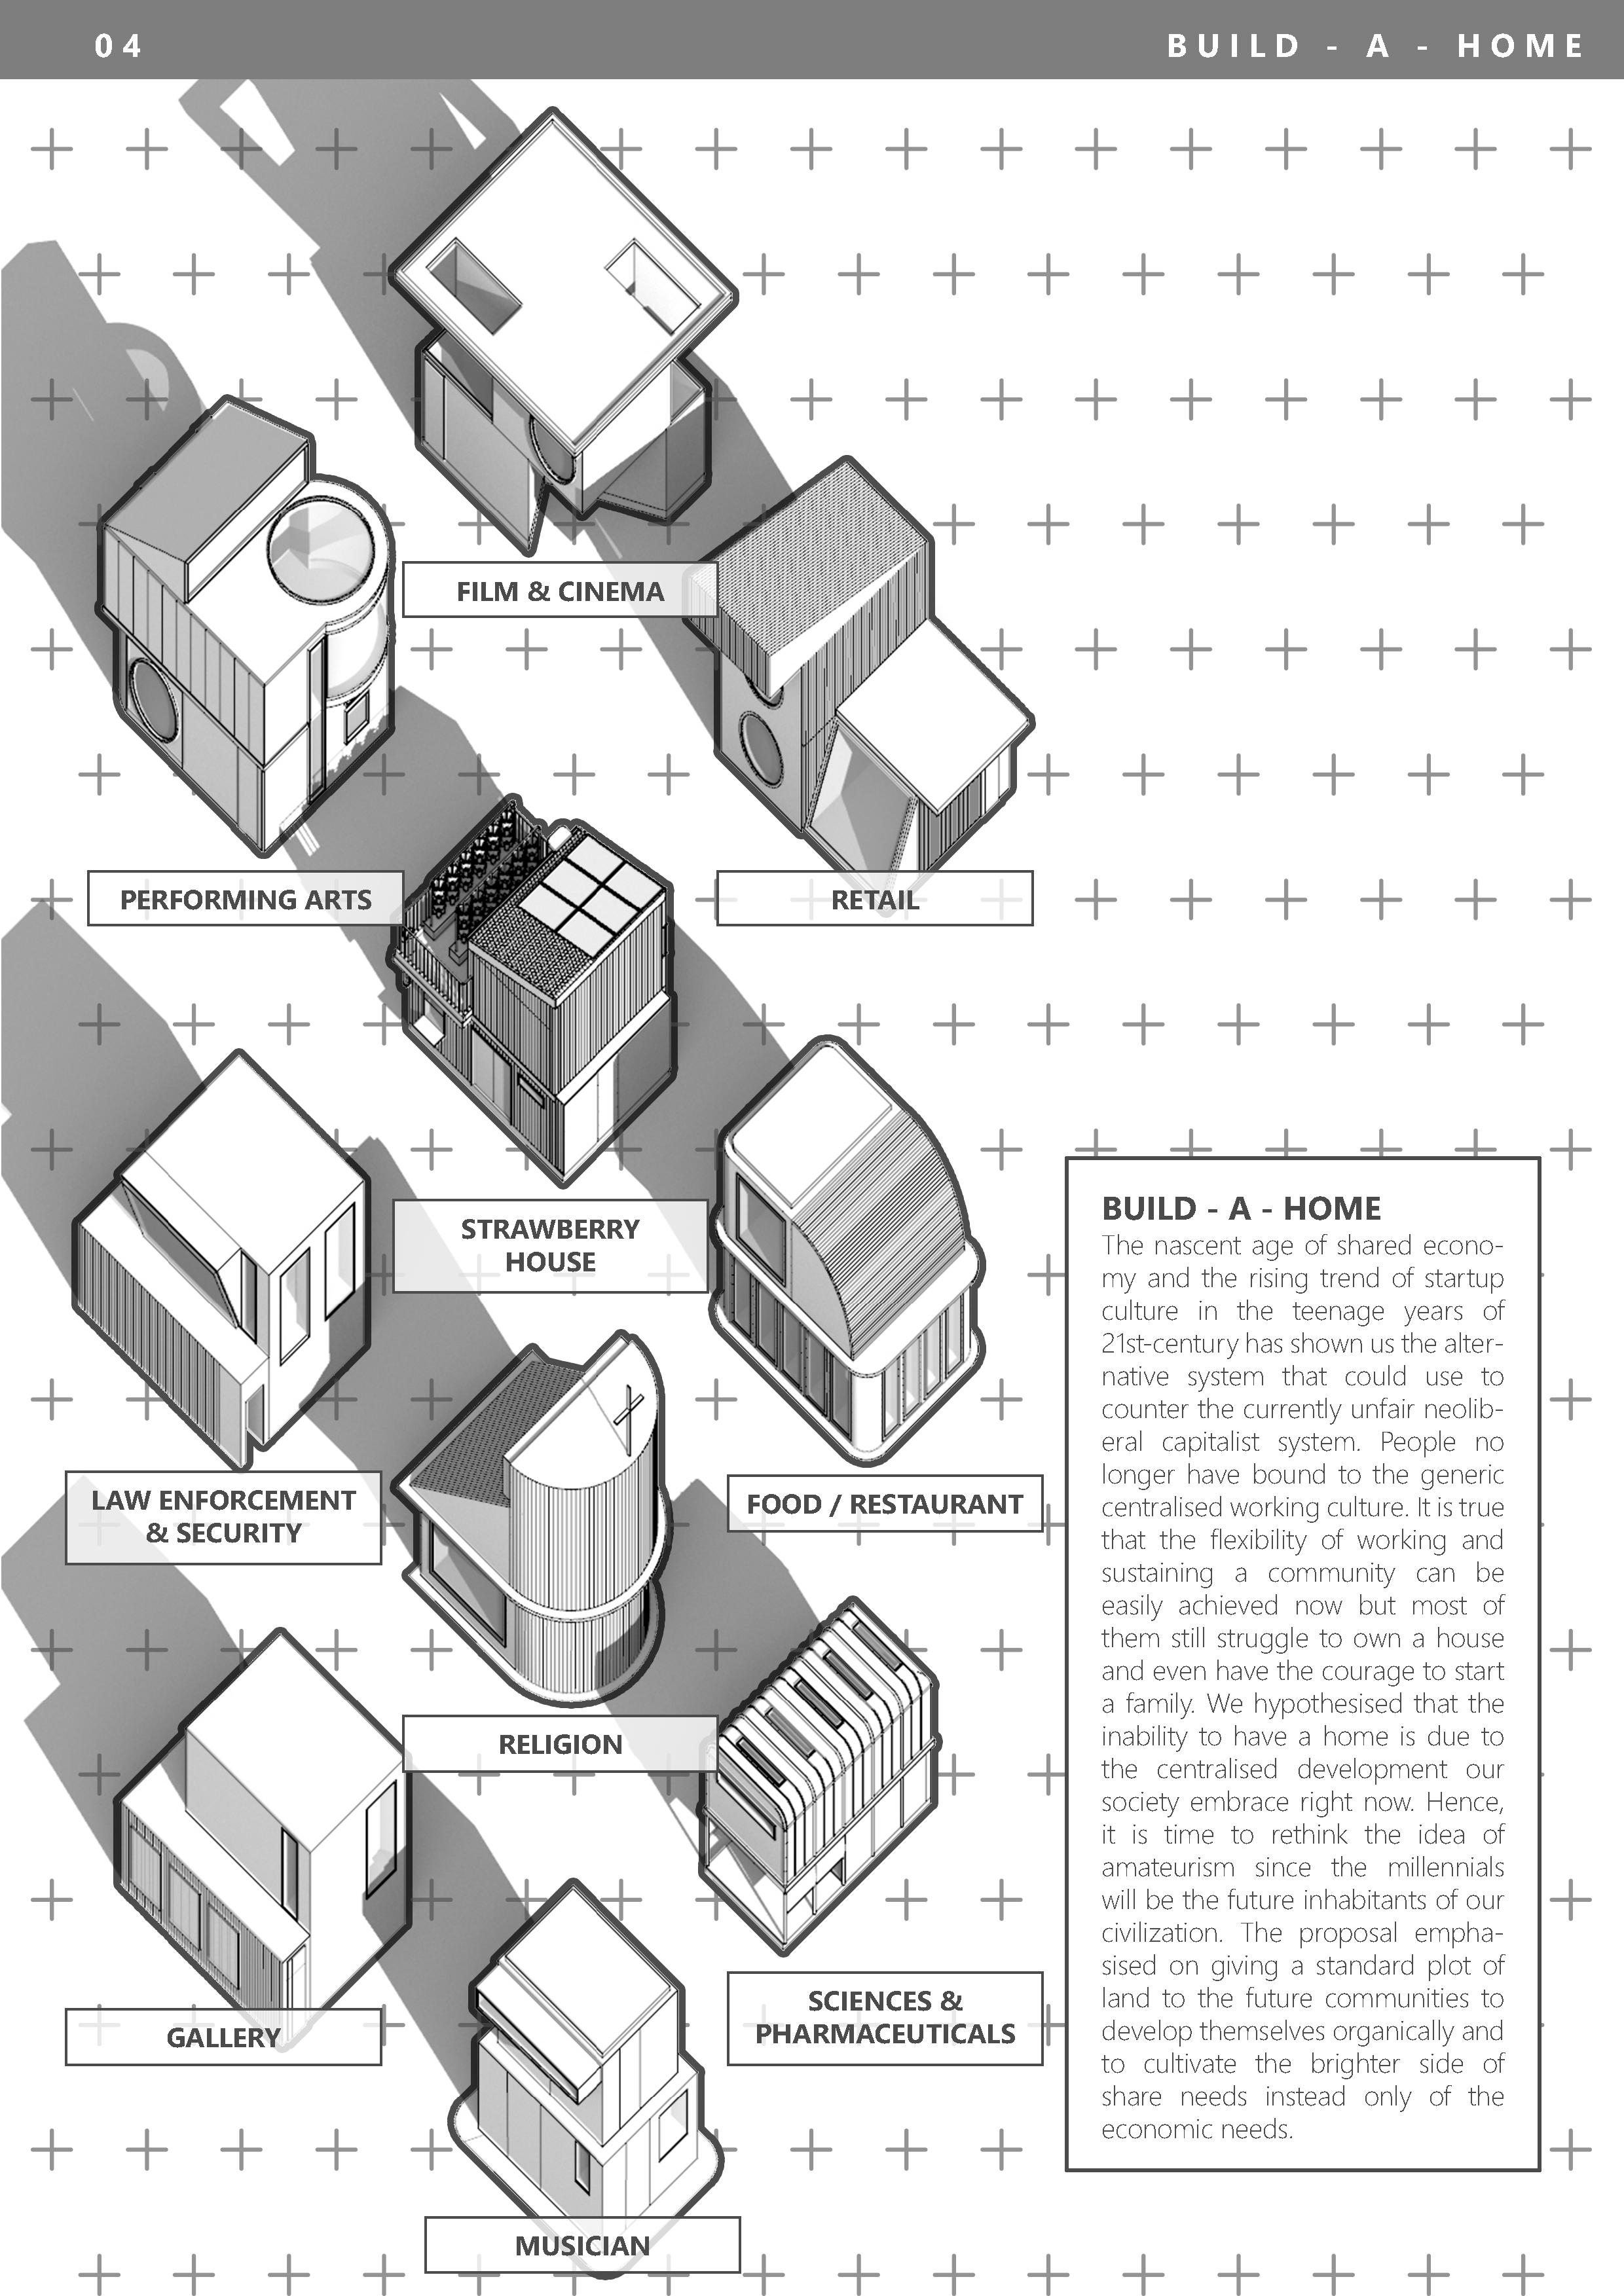 BUILD A HOME_4